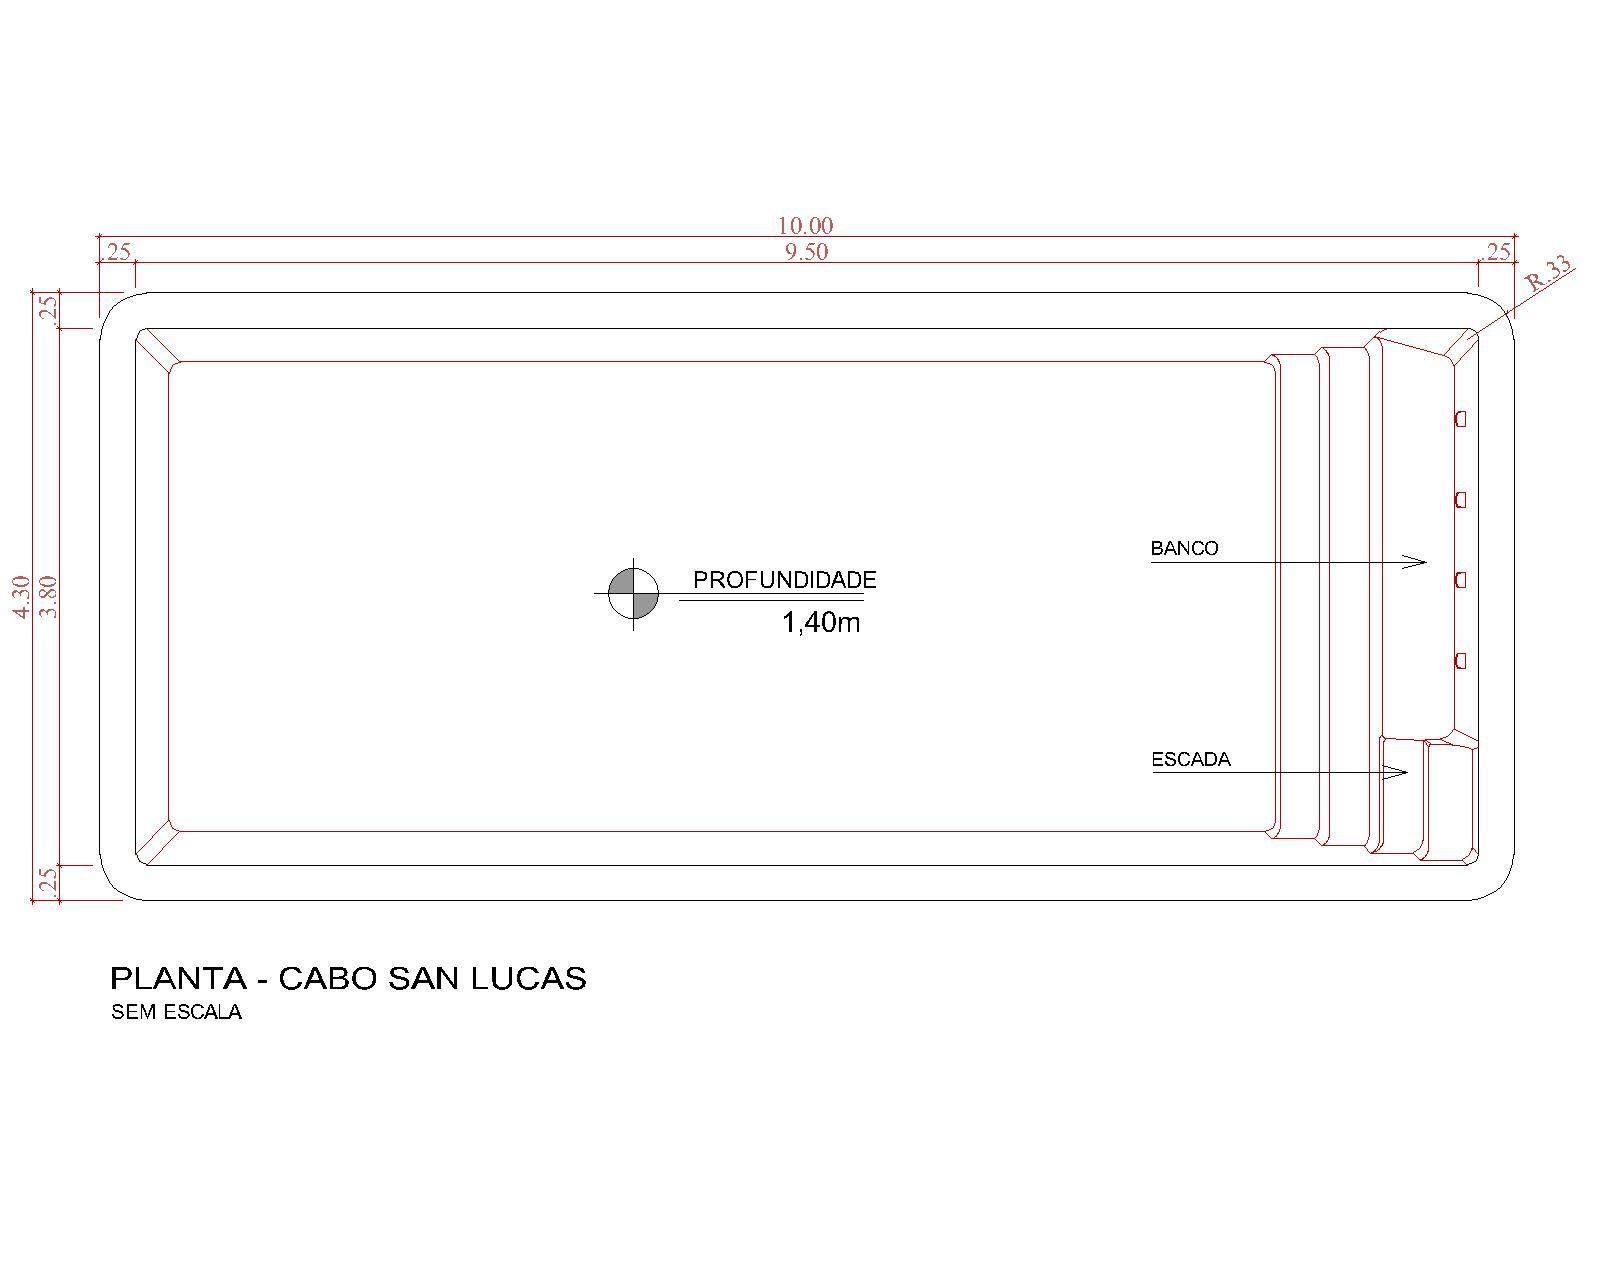 Desenho técnico Cabo San Lucas (sem escala)